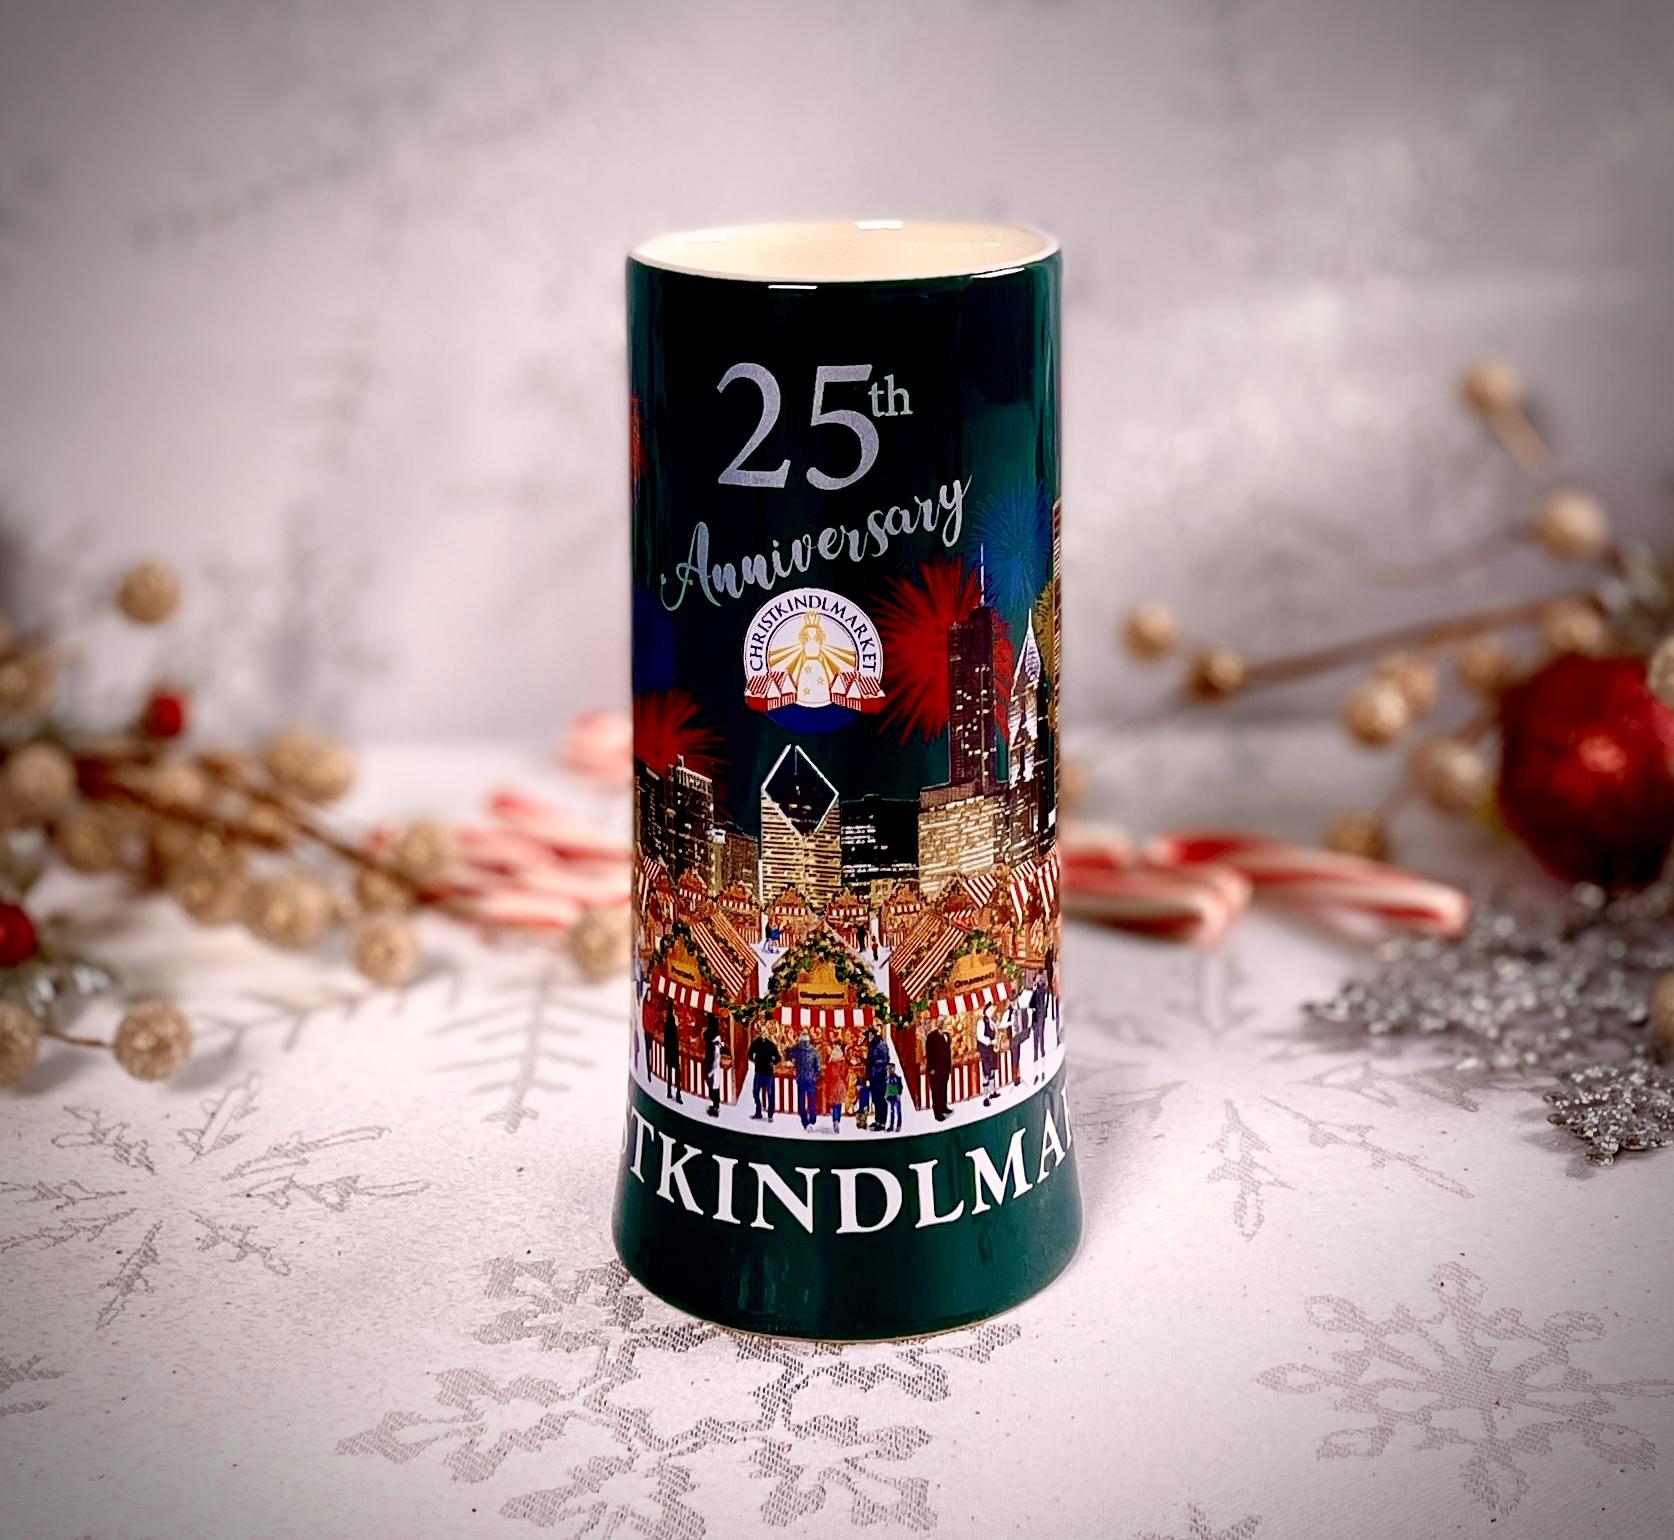 The 2021 Christkindlmarket souvenir mug was revealed Friday.